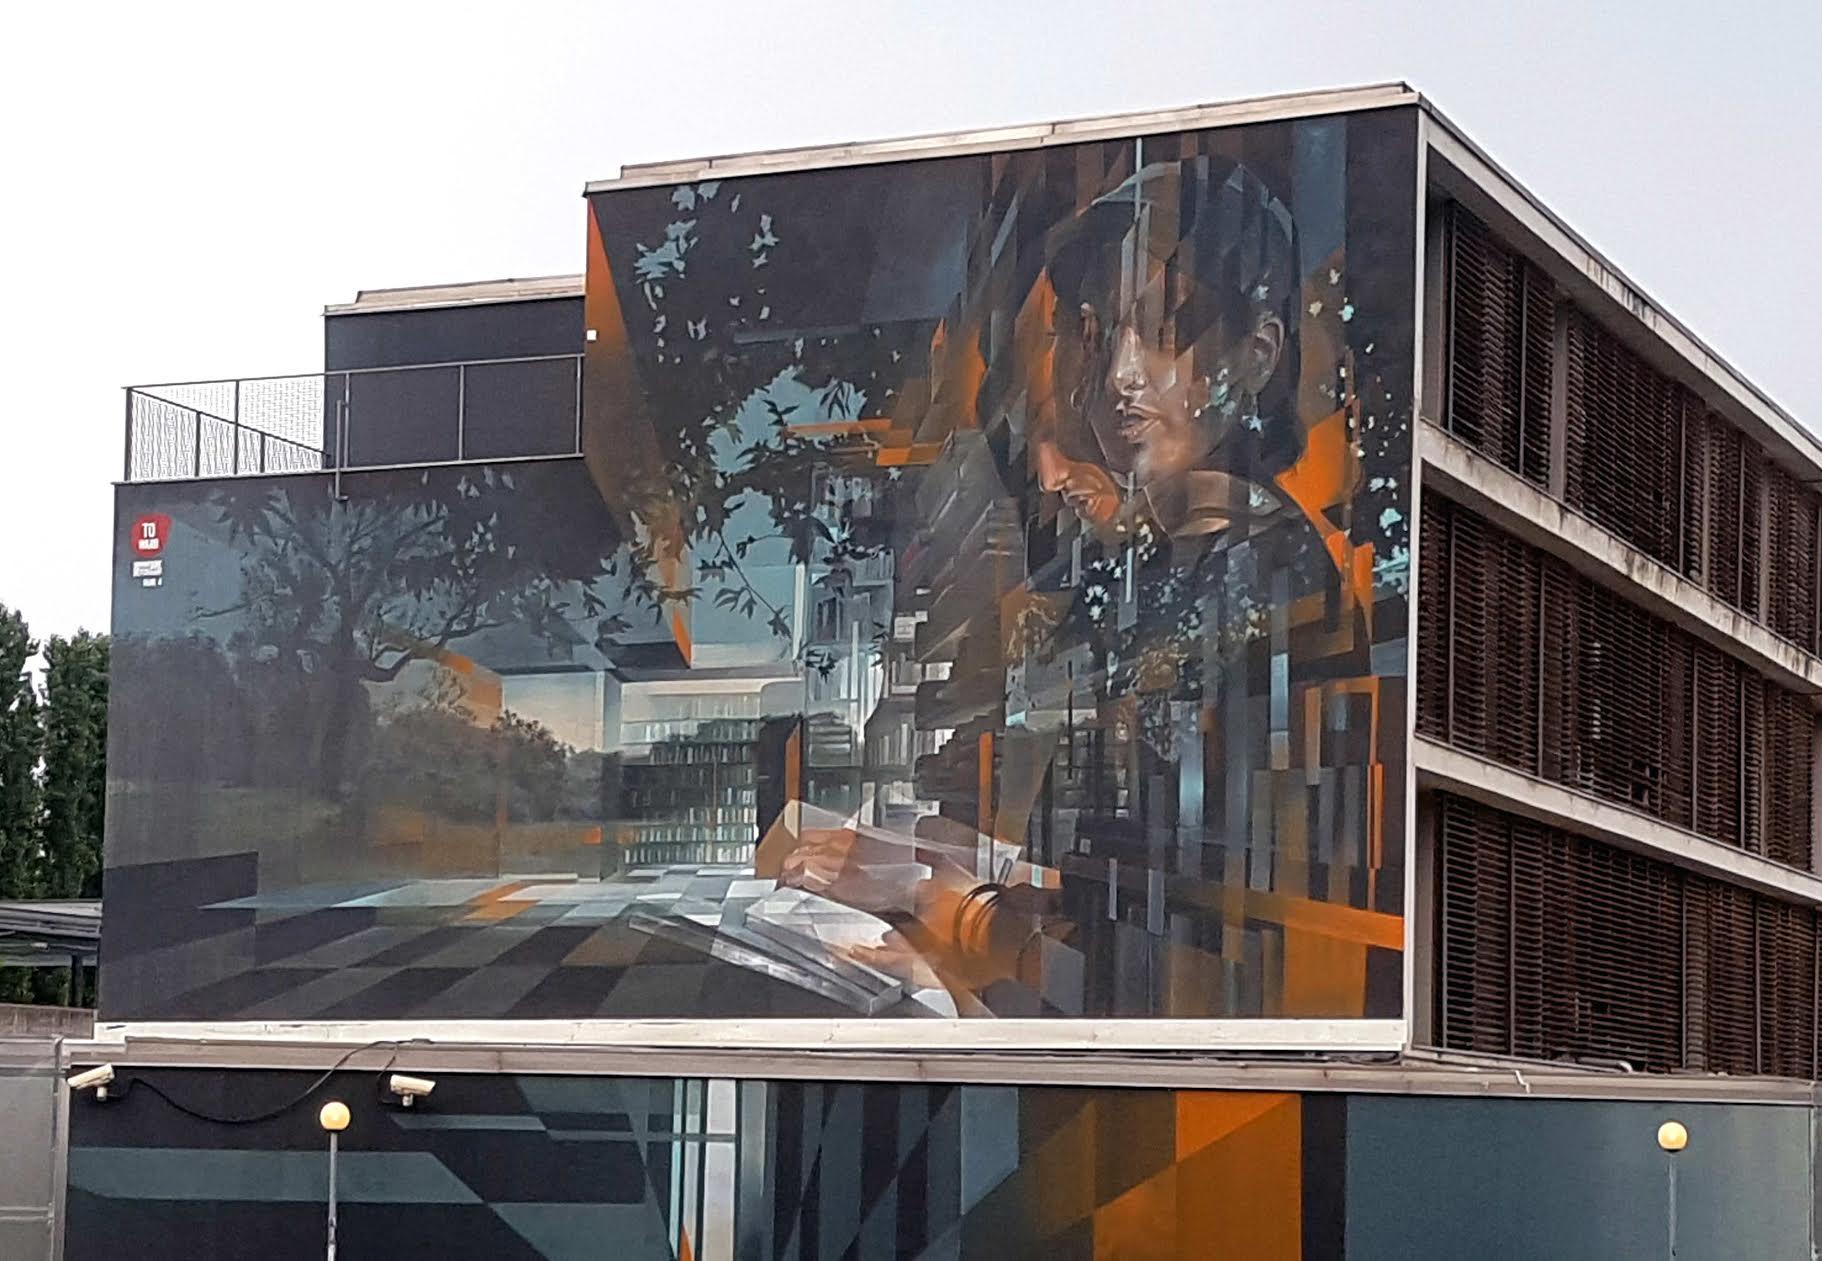 APC – New mural by VESOD in Turin, Italy Artes & contextos Vesod header